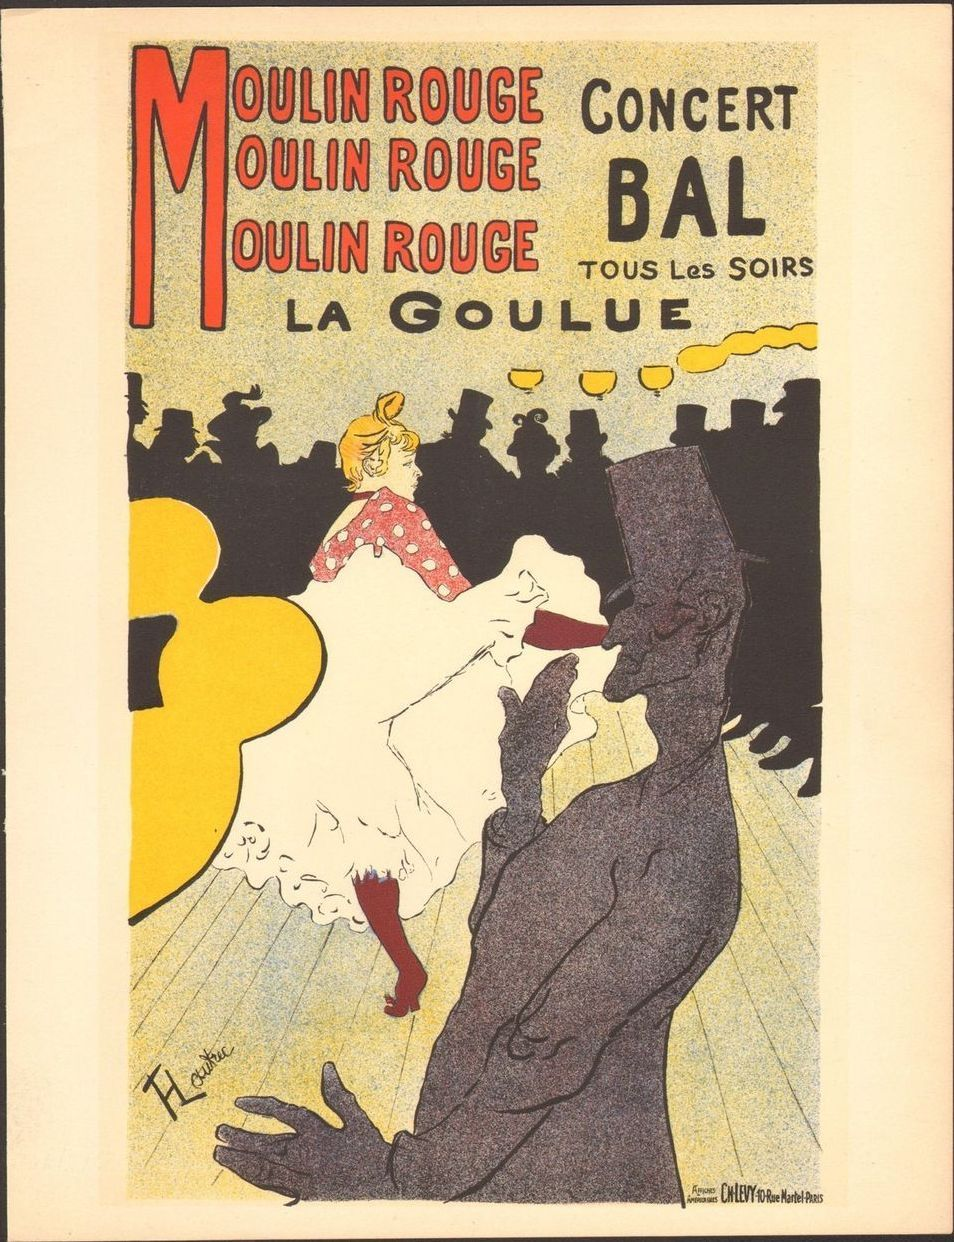 toulouse lautrec's la goulue au moulin rouge The women lautrec depicted in au moulin rouge, painted in 1892  were all lesbians: la macarona, la goulue, la môme fromage, and in the  lautrec's favorite.